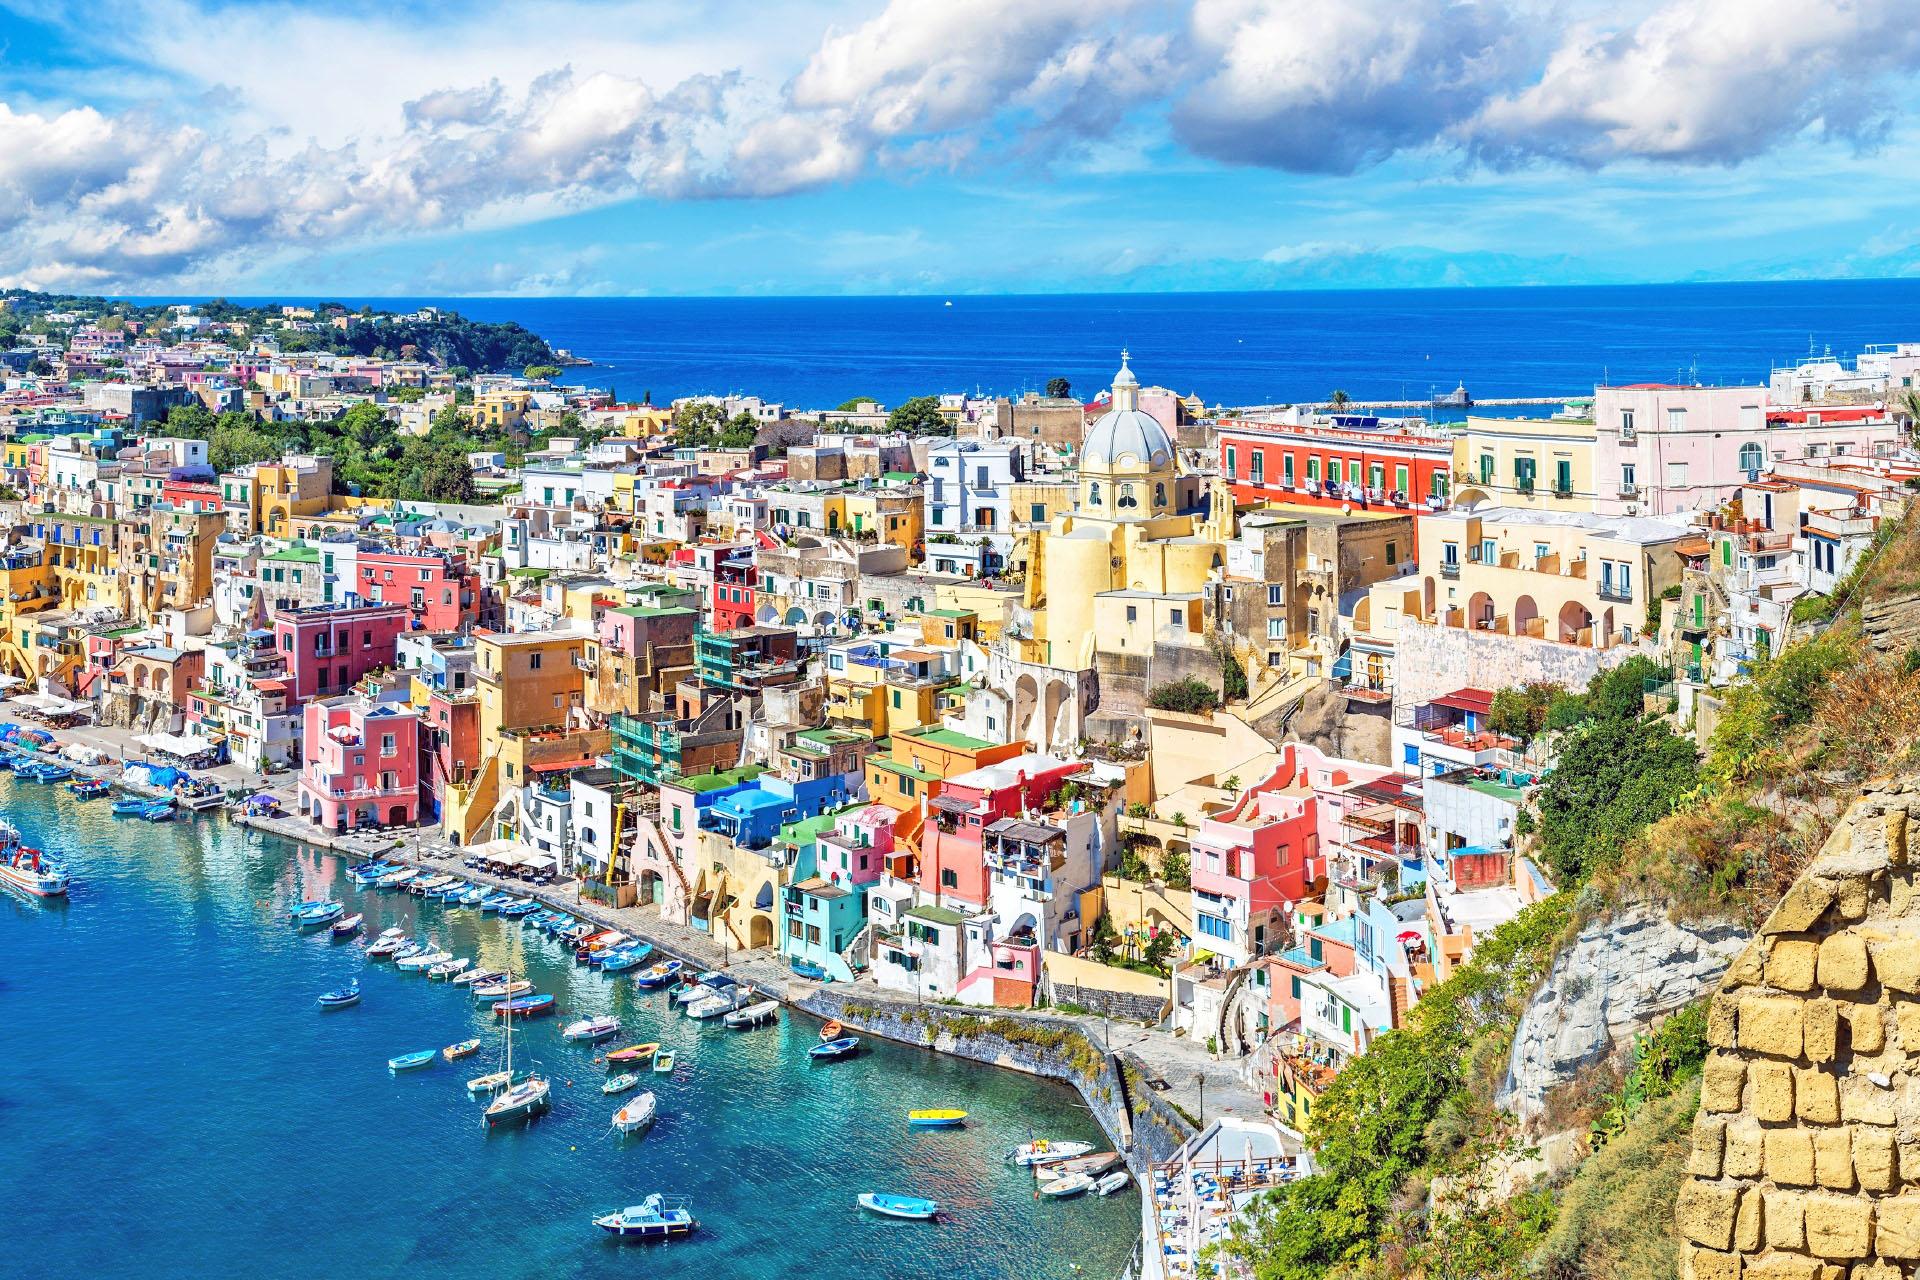 プローチダ島の夏 イタリアの風景